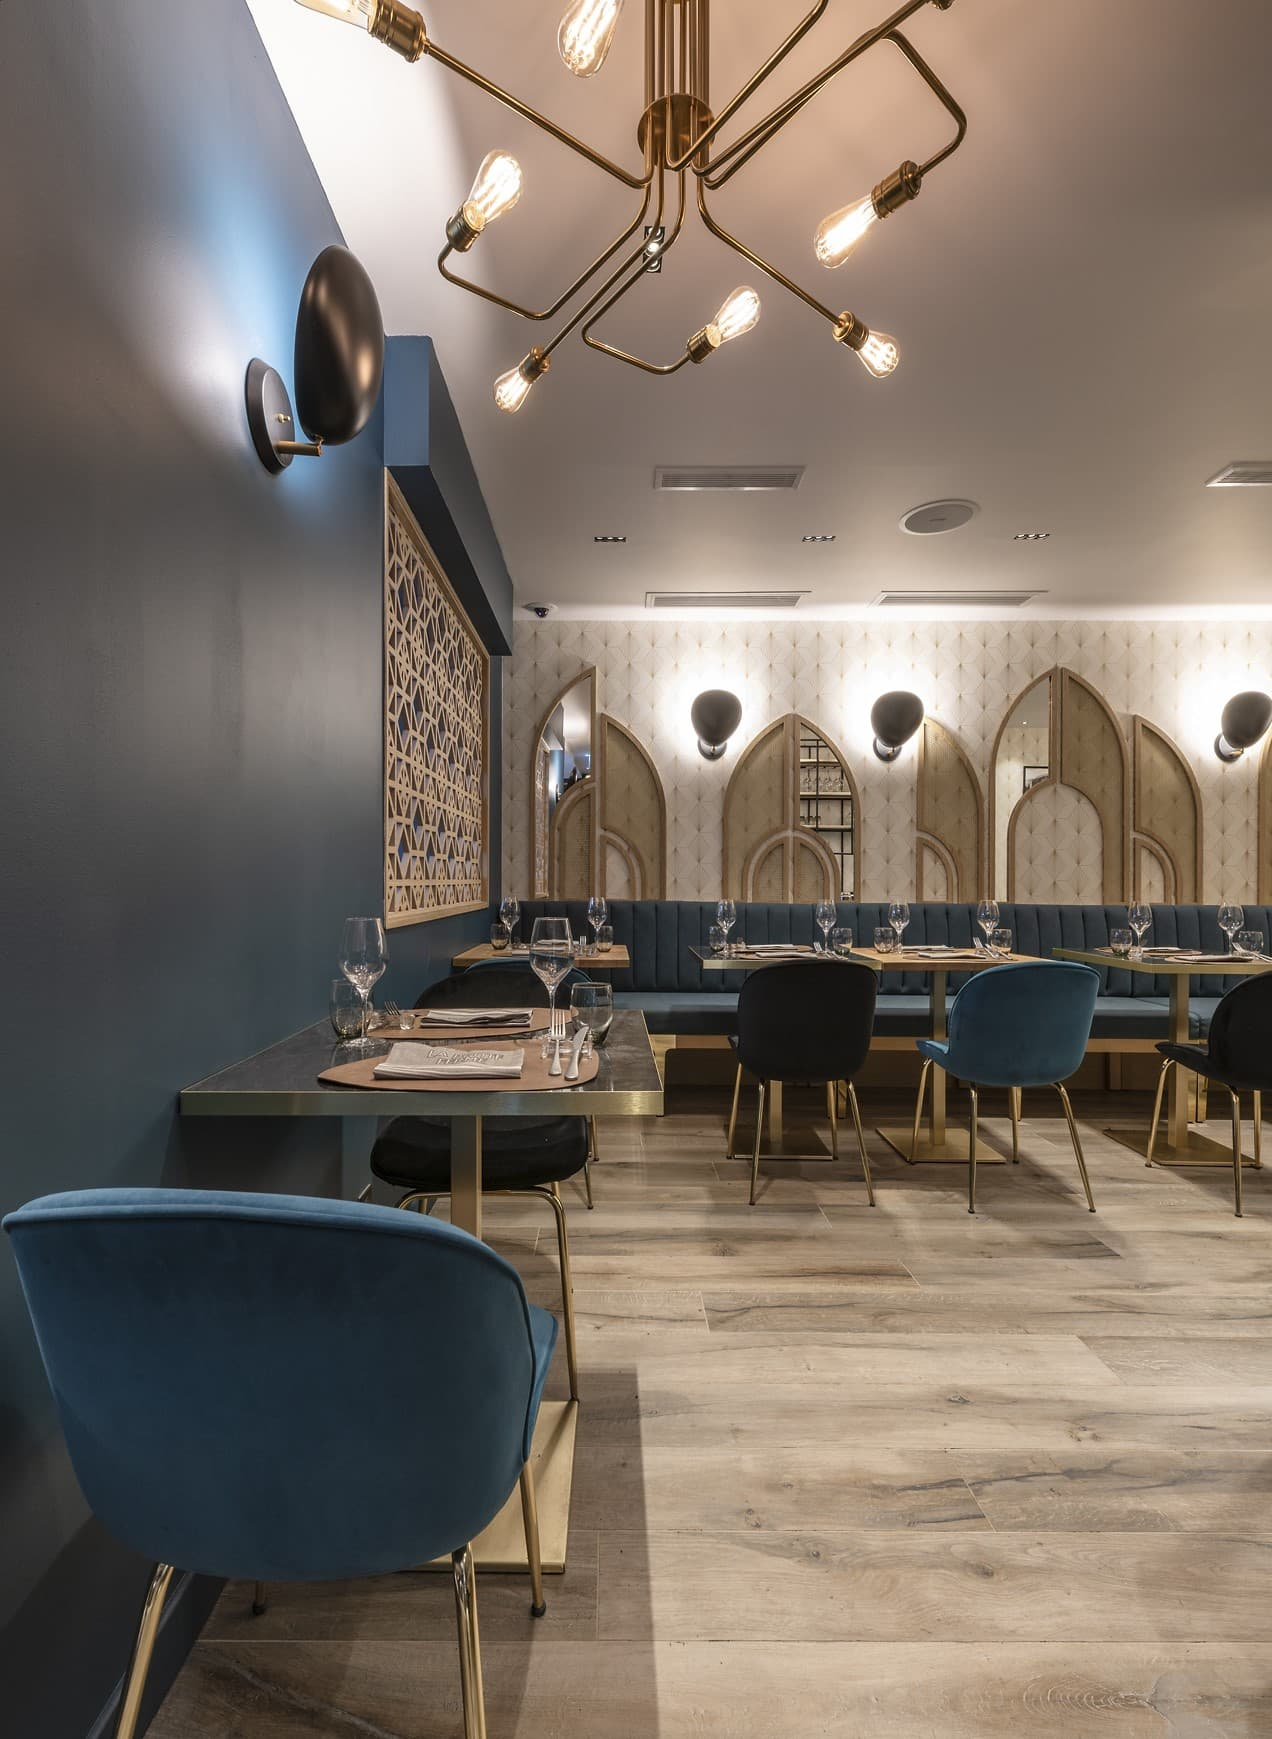 Suspensions et appliques murales de style art déco dans le restaurant